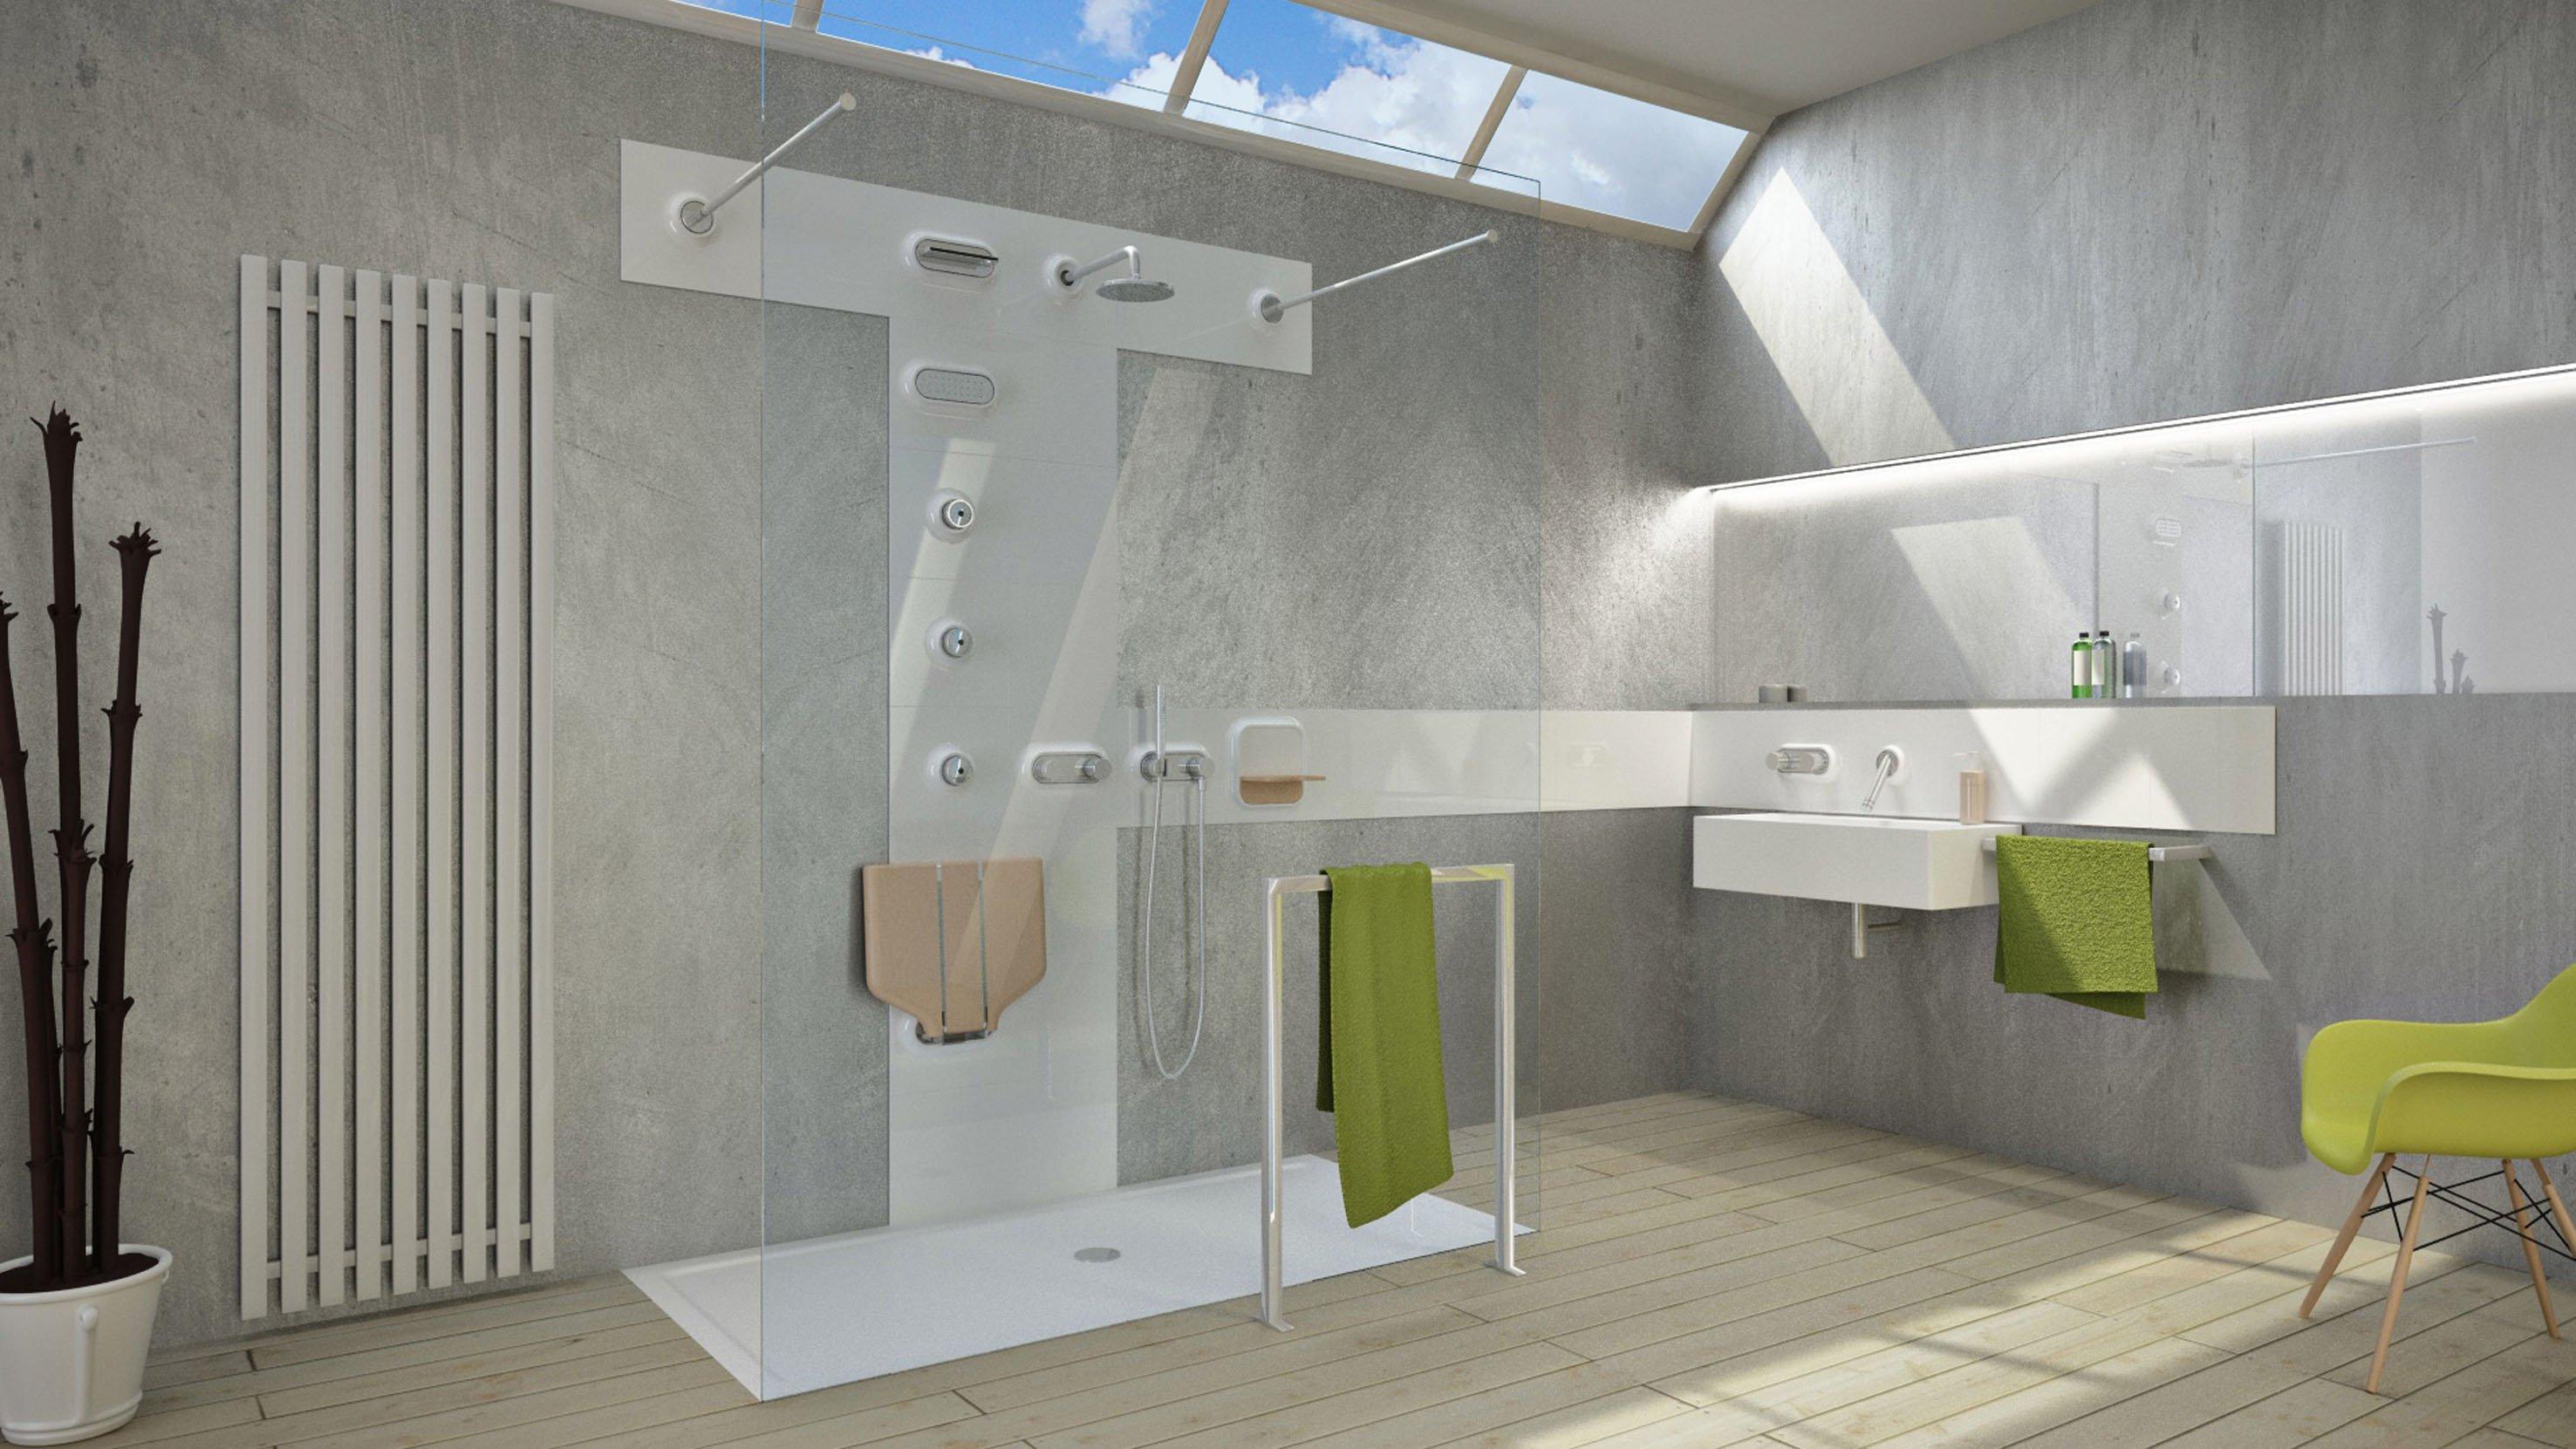 Glass propone modula piastrelle attrezzate con rubinetteria o mensole cose di casa - Bagno di casa ...